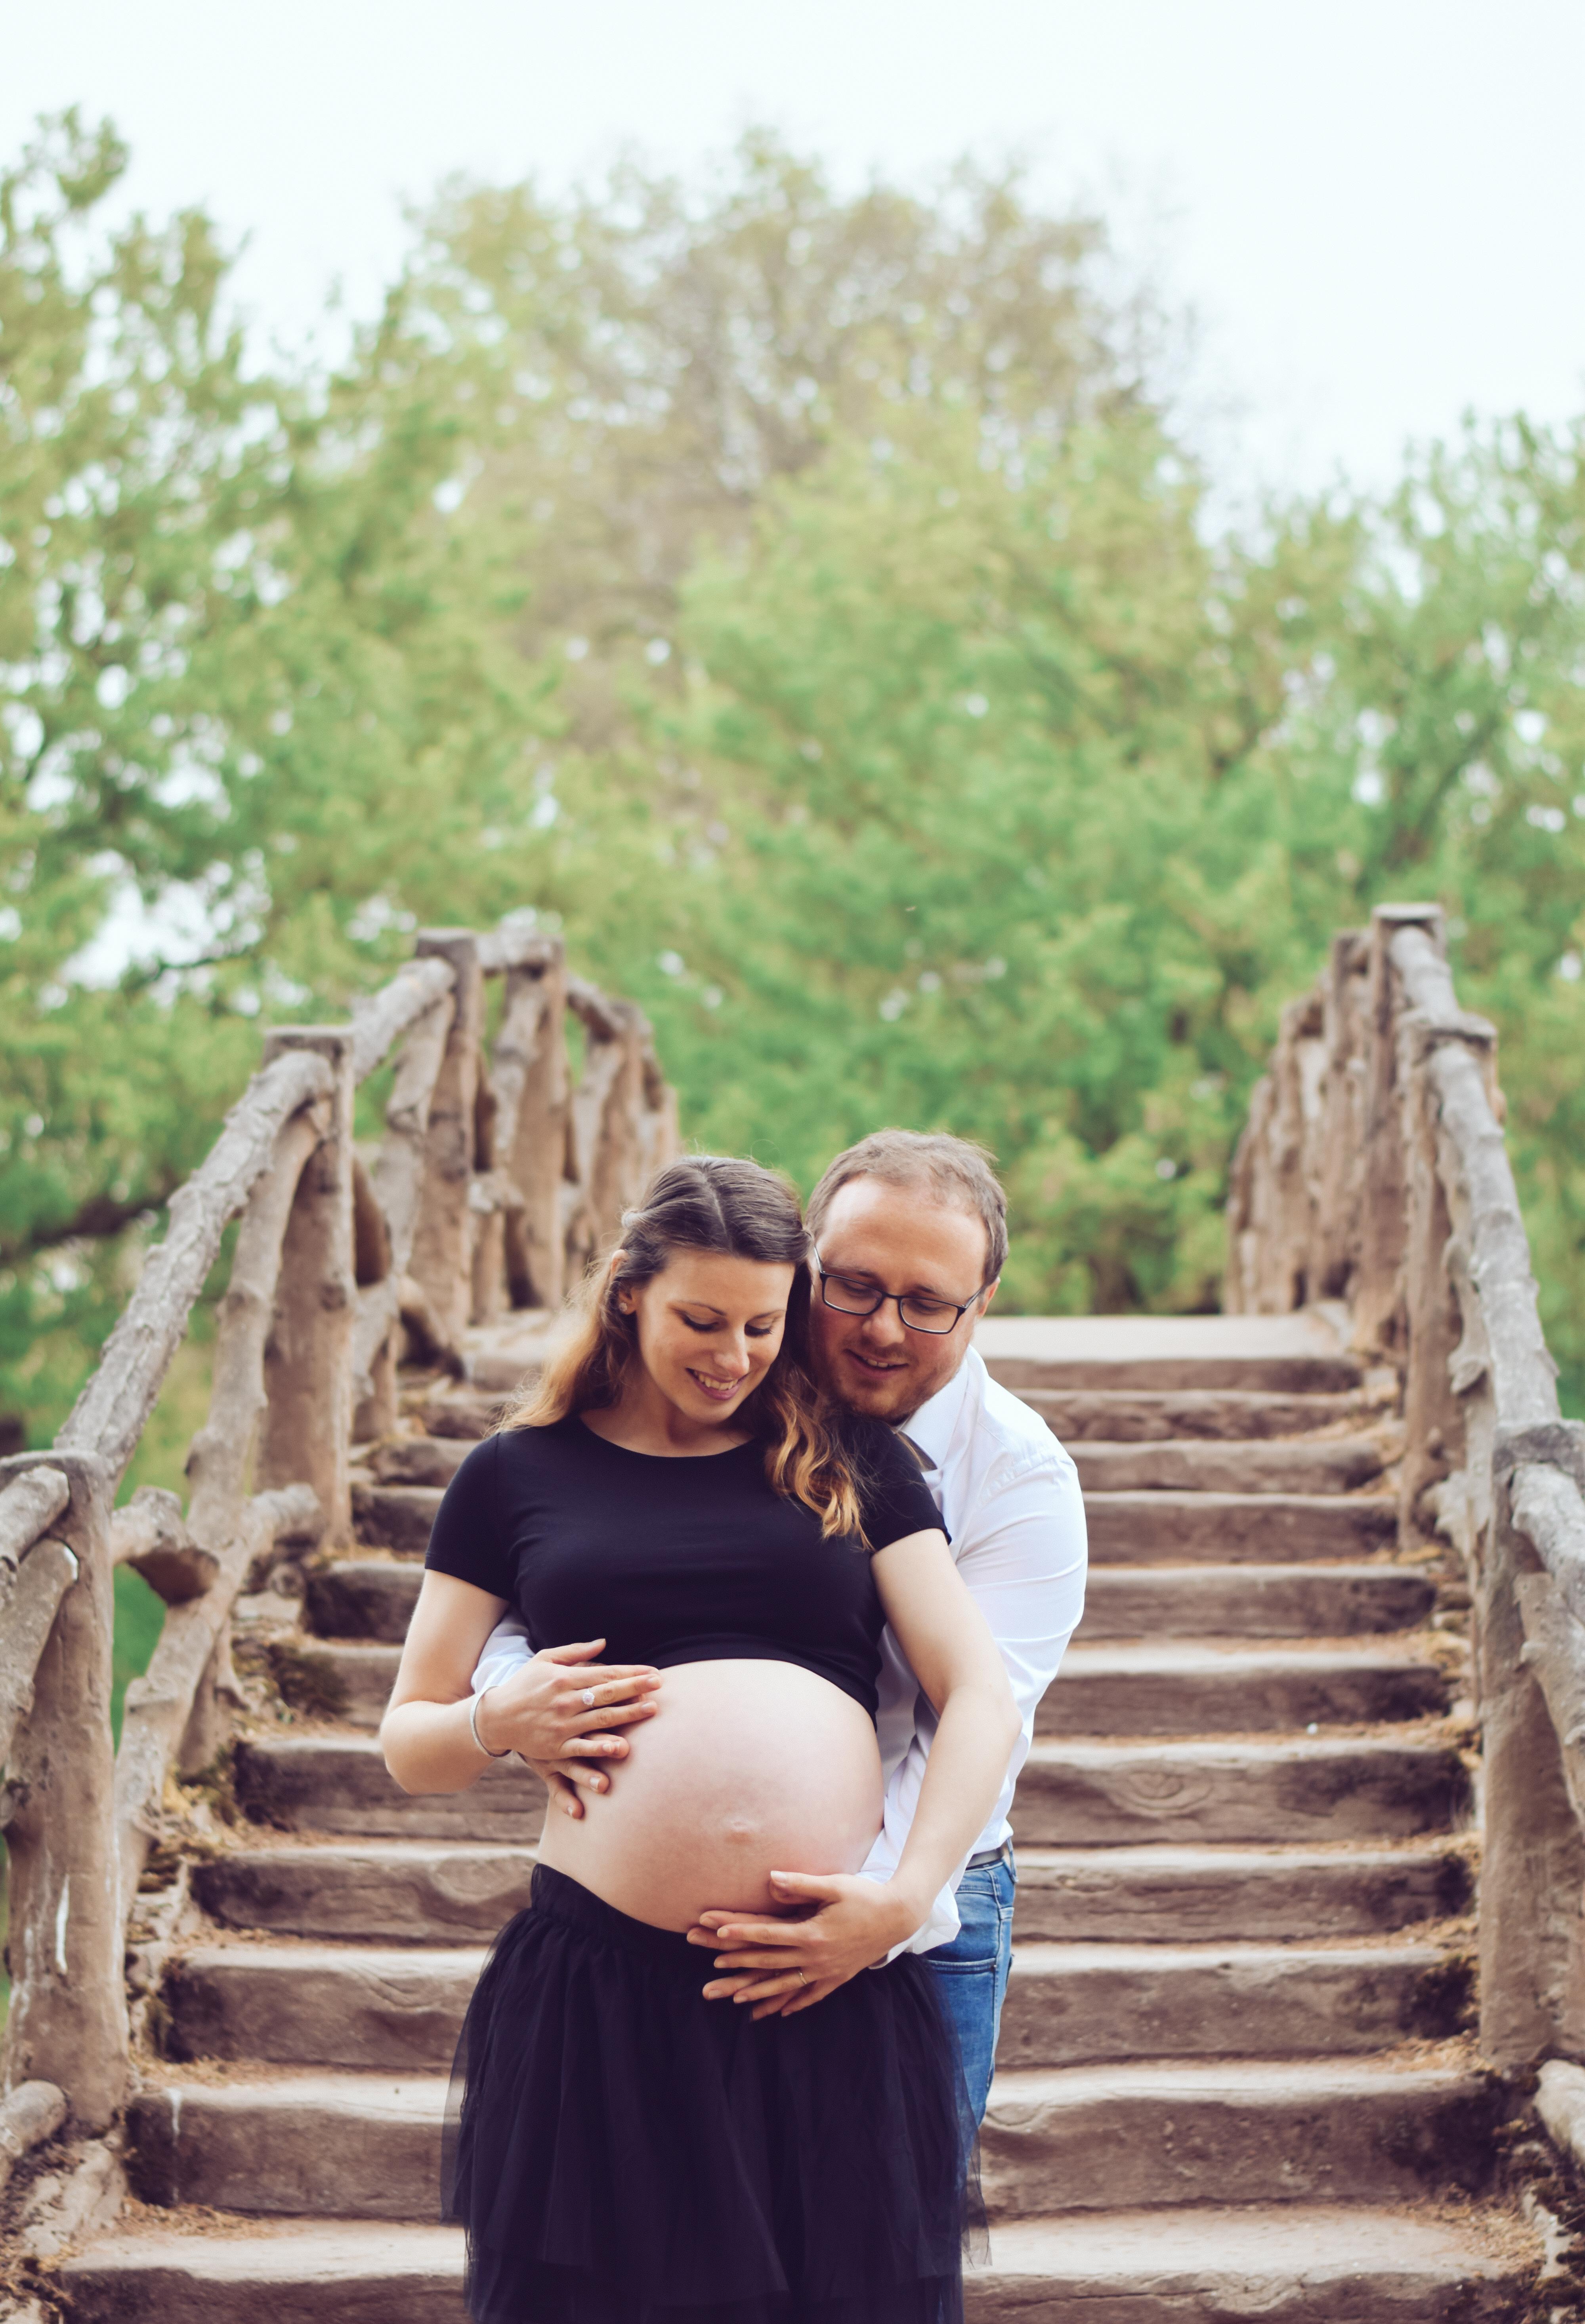 Photographe Belge Maternité nouveau-né Mons Hainaut Séance photo famille grossesse